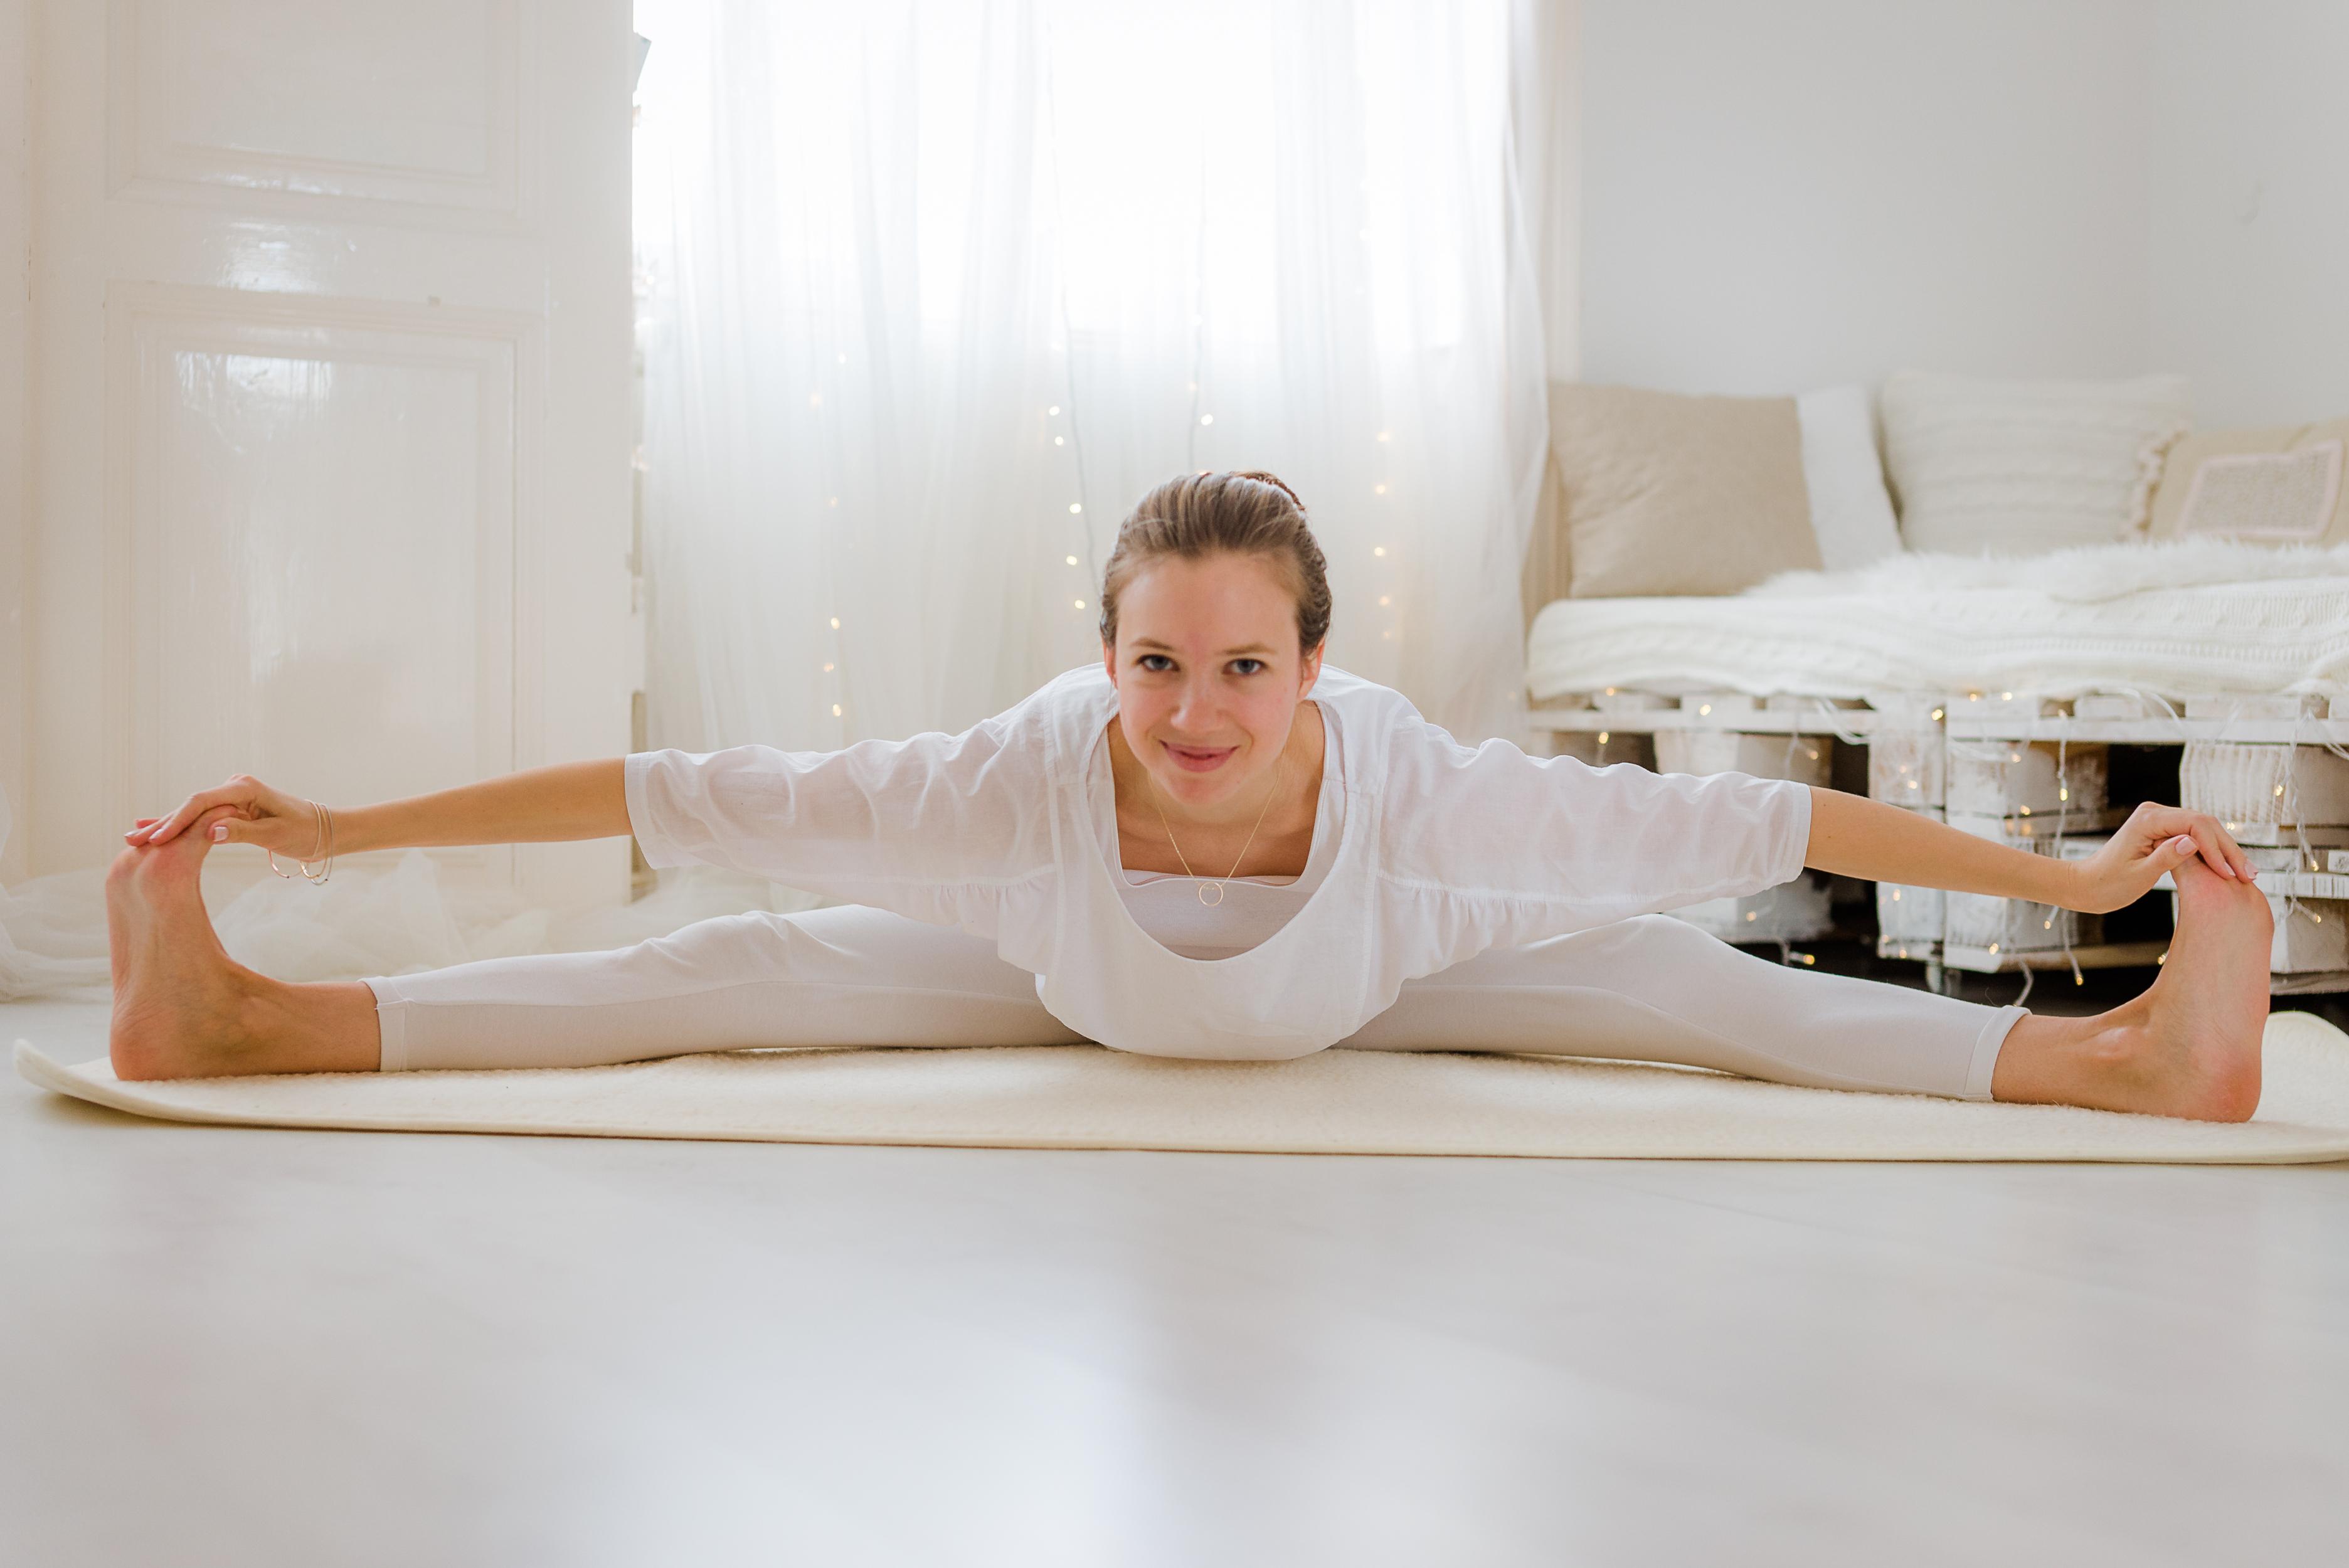 Miért végeztem el a kundalíni jóga képzést?